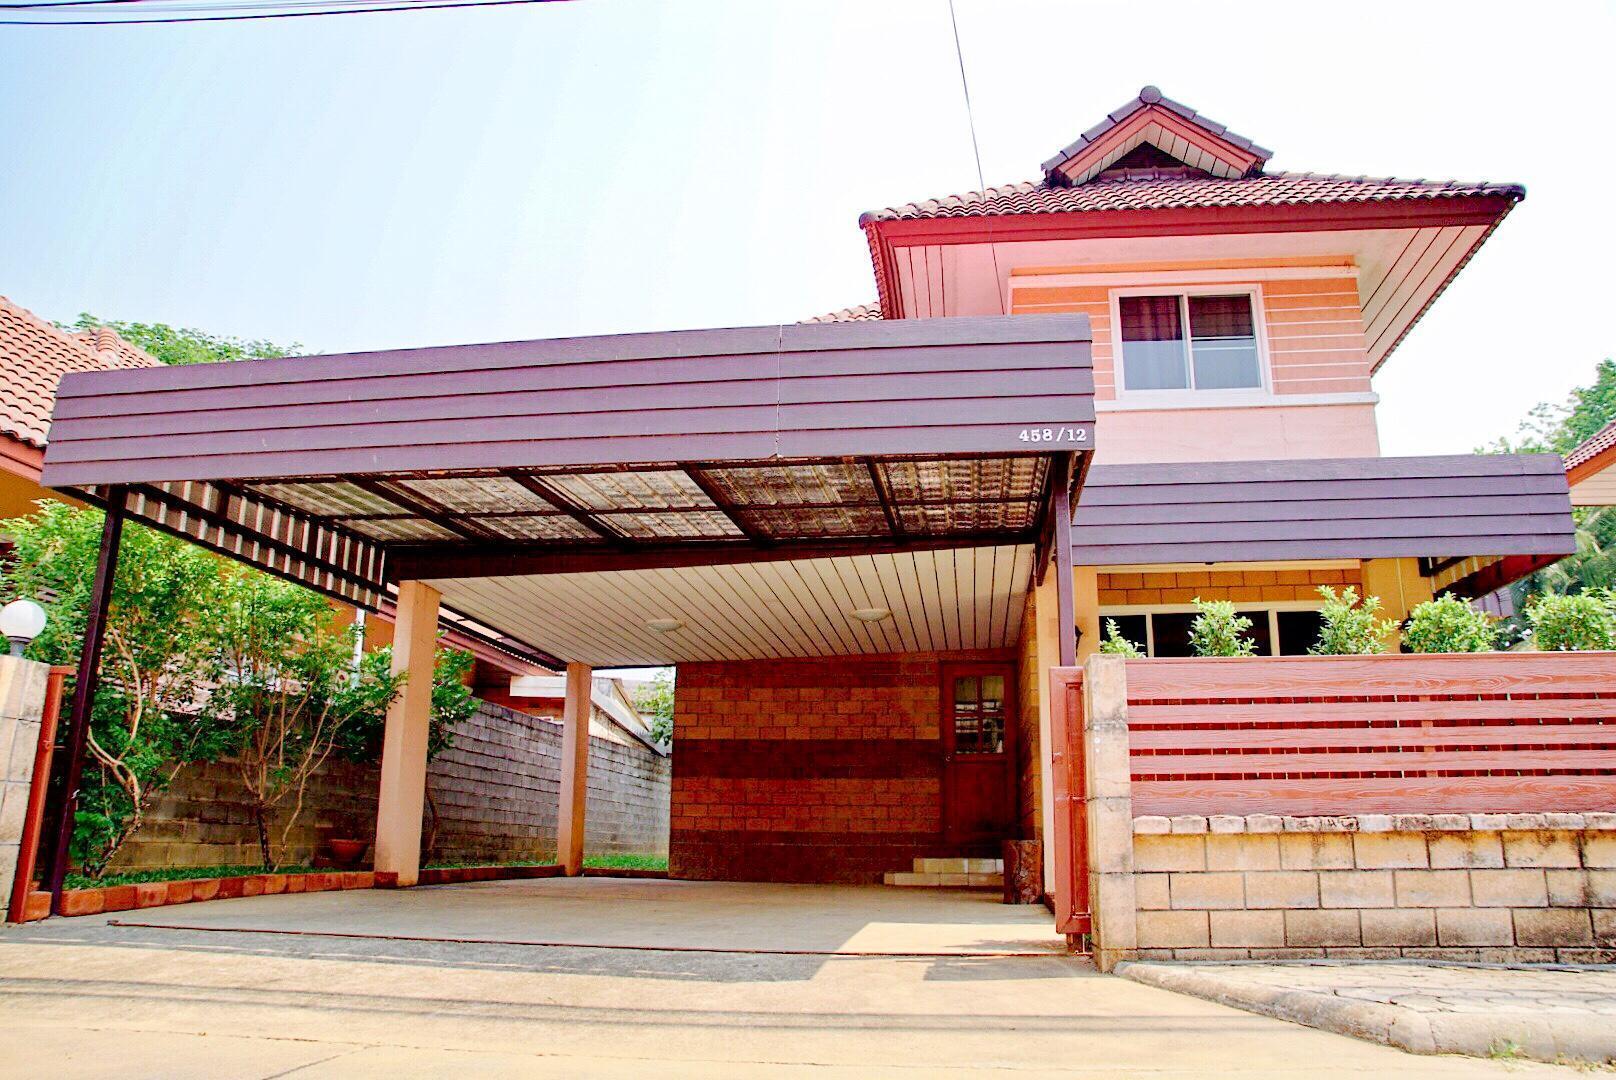 Chiang Mai Warm House near Central Festival บ้านเดี่ยว 3 ห้องนอน 2 ห้องน้ำส่วนตัว ขนาด 65 ตร.ม. – สันทราย